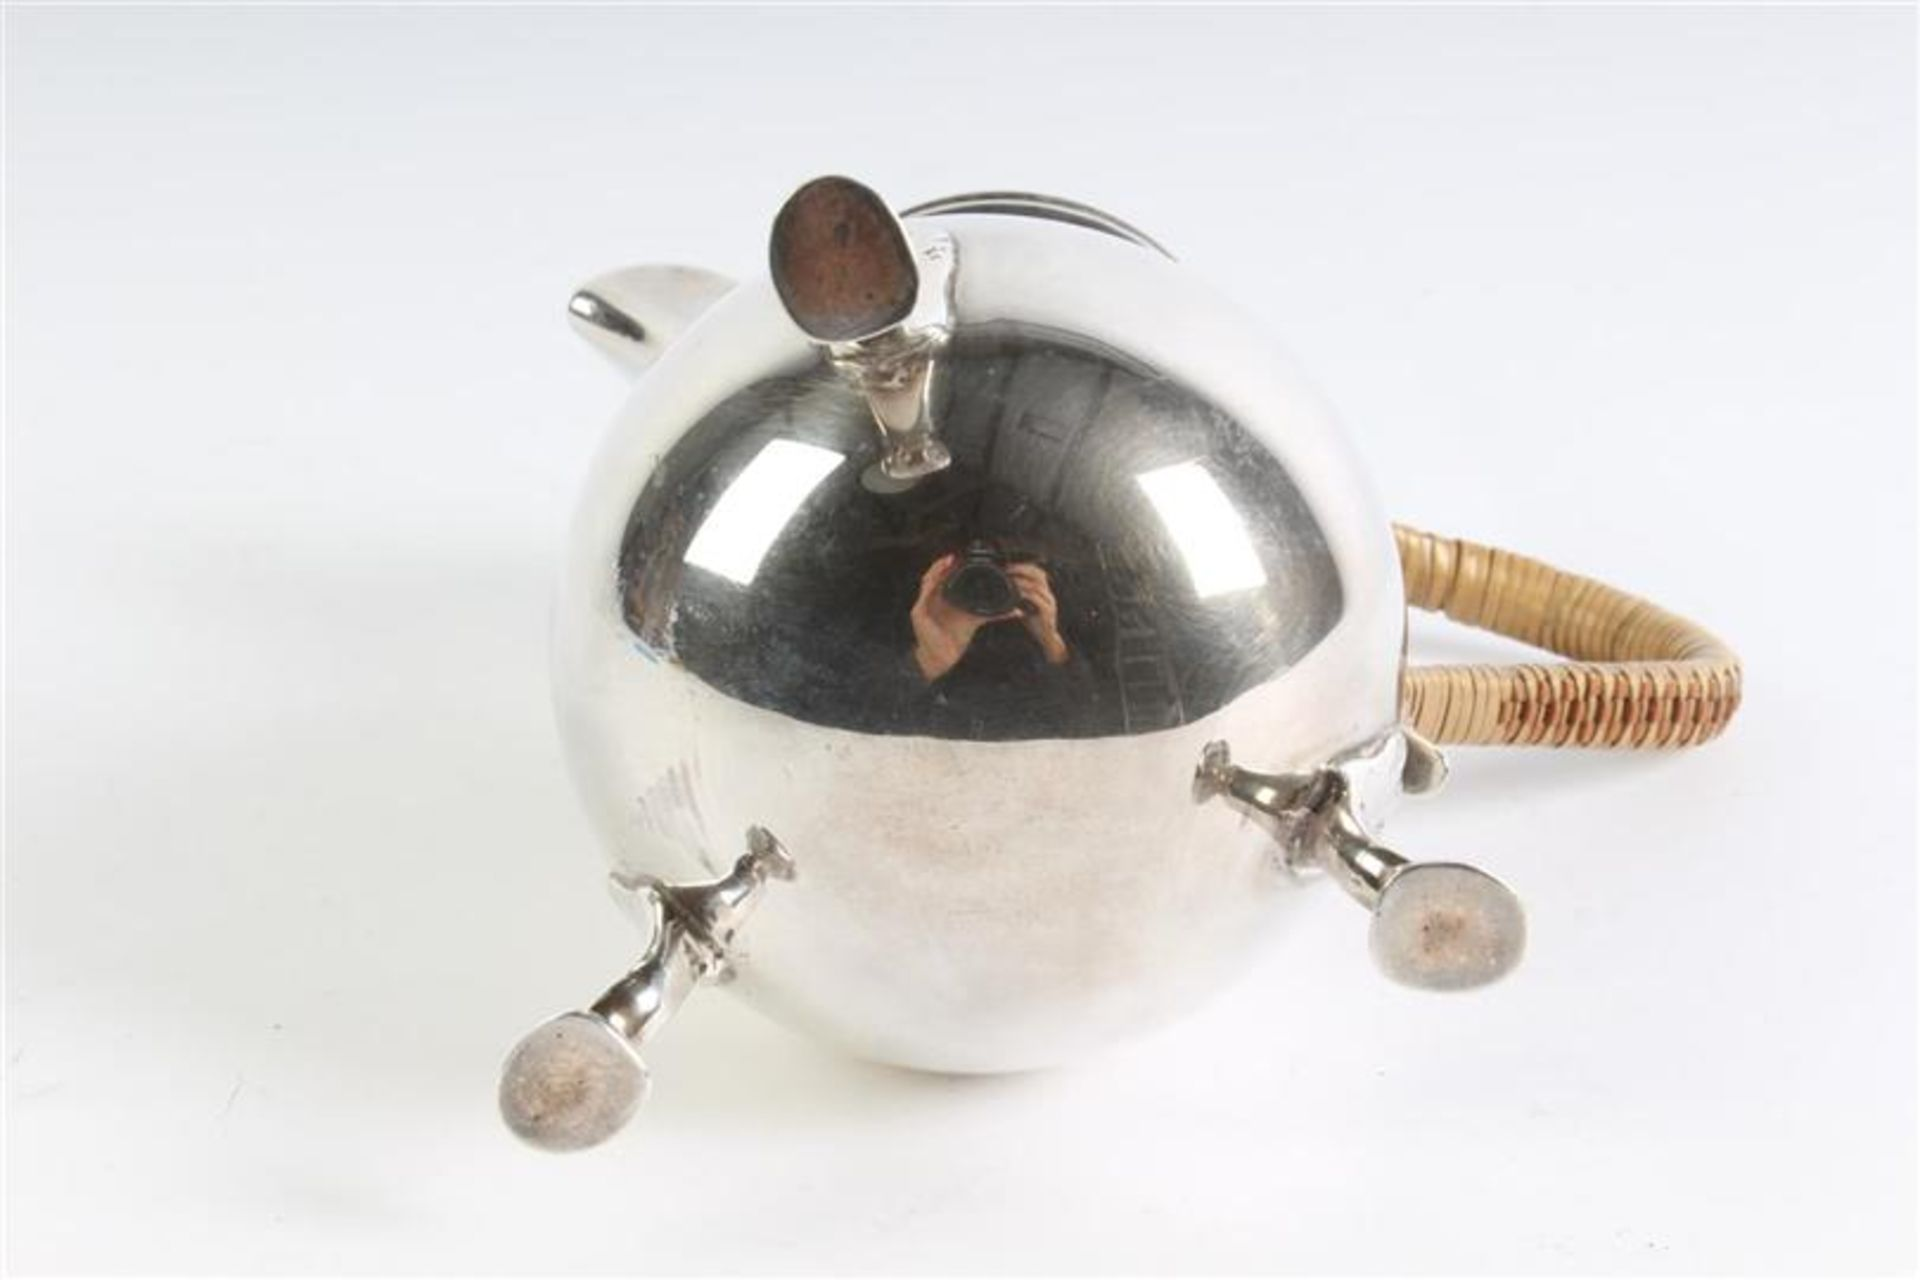 Zilveren kannetje met rotan oor, Engels gekeurd. Gewicht: 355.7 g. - Bild 5 aus 5